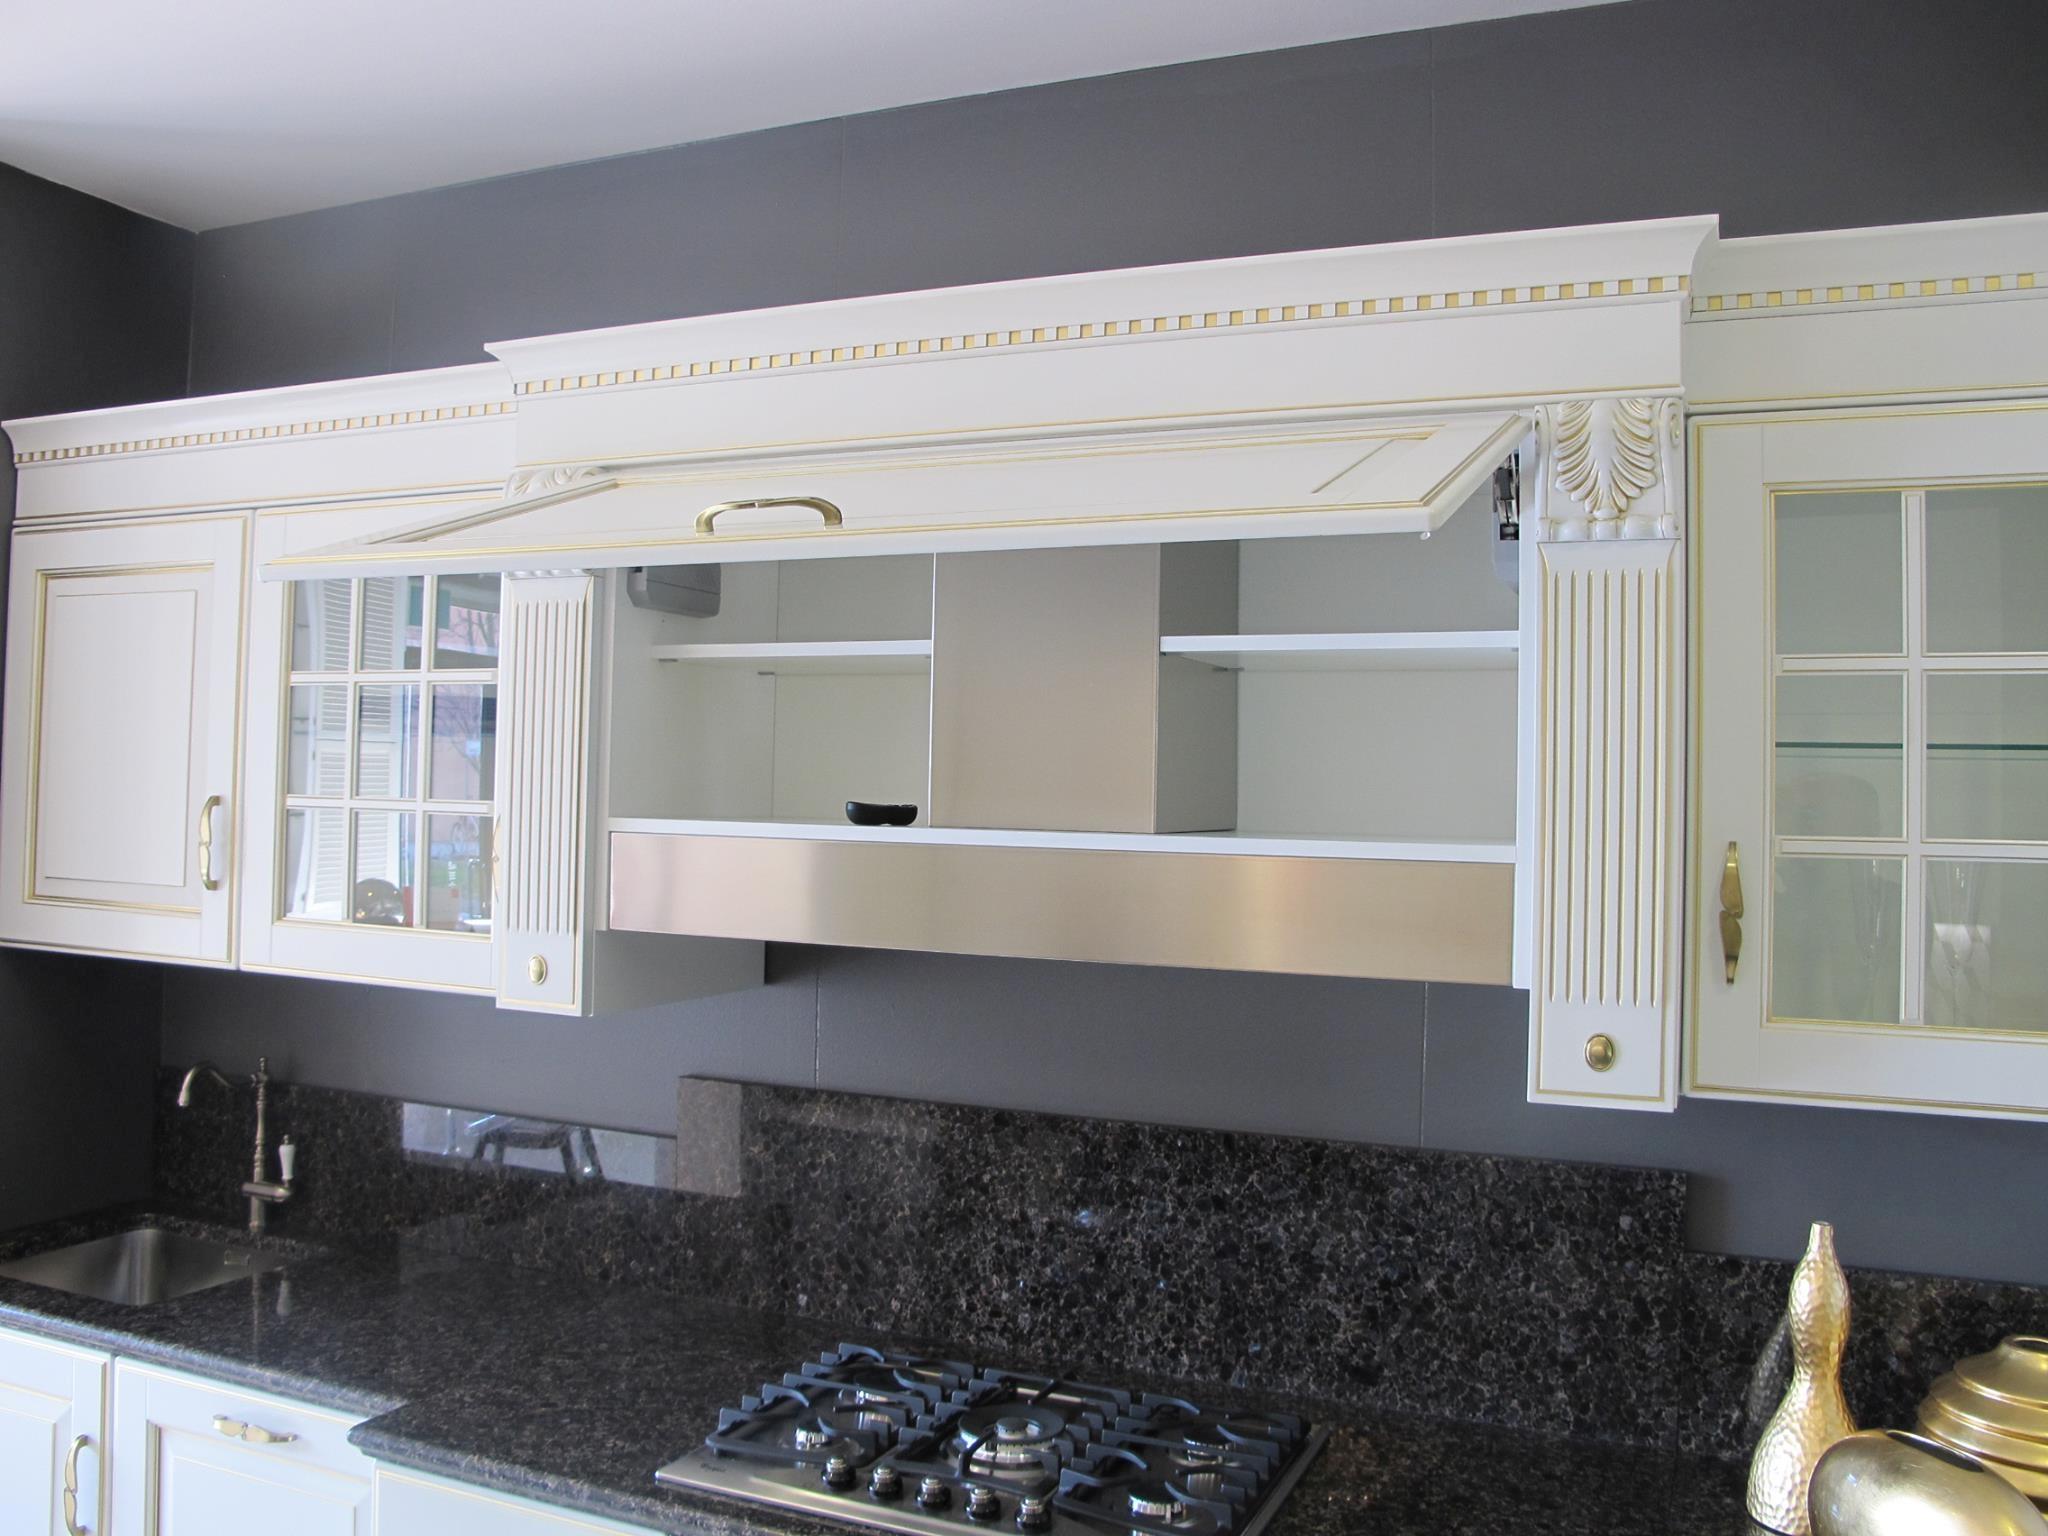 Cucine Scavolini Baltimora Prezzi : Cucina scavolini baltimora classiche laccate opaco bianca